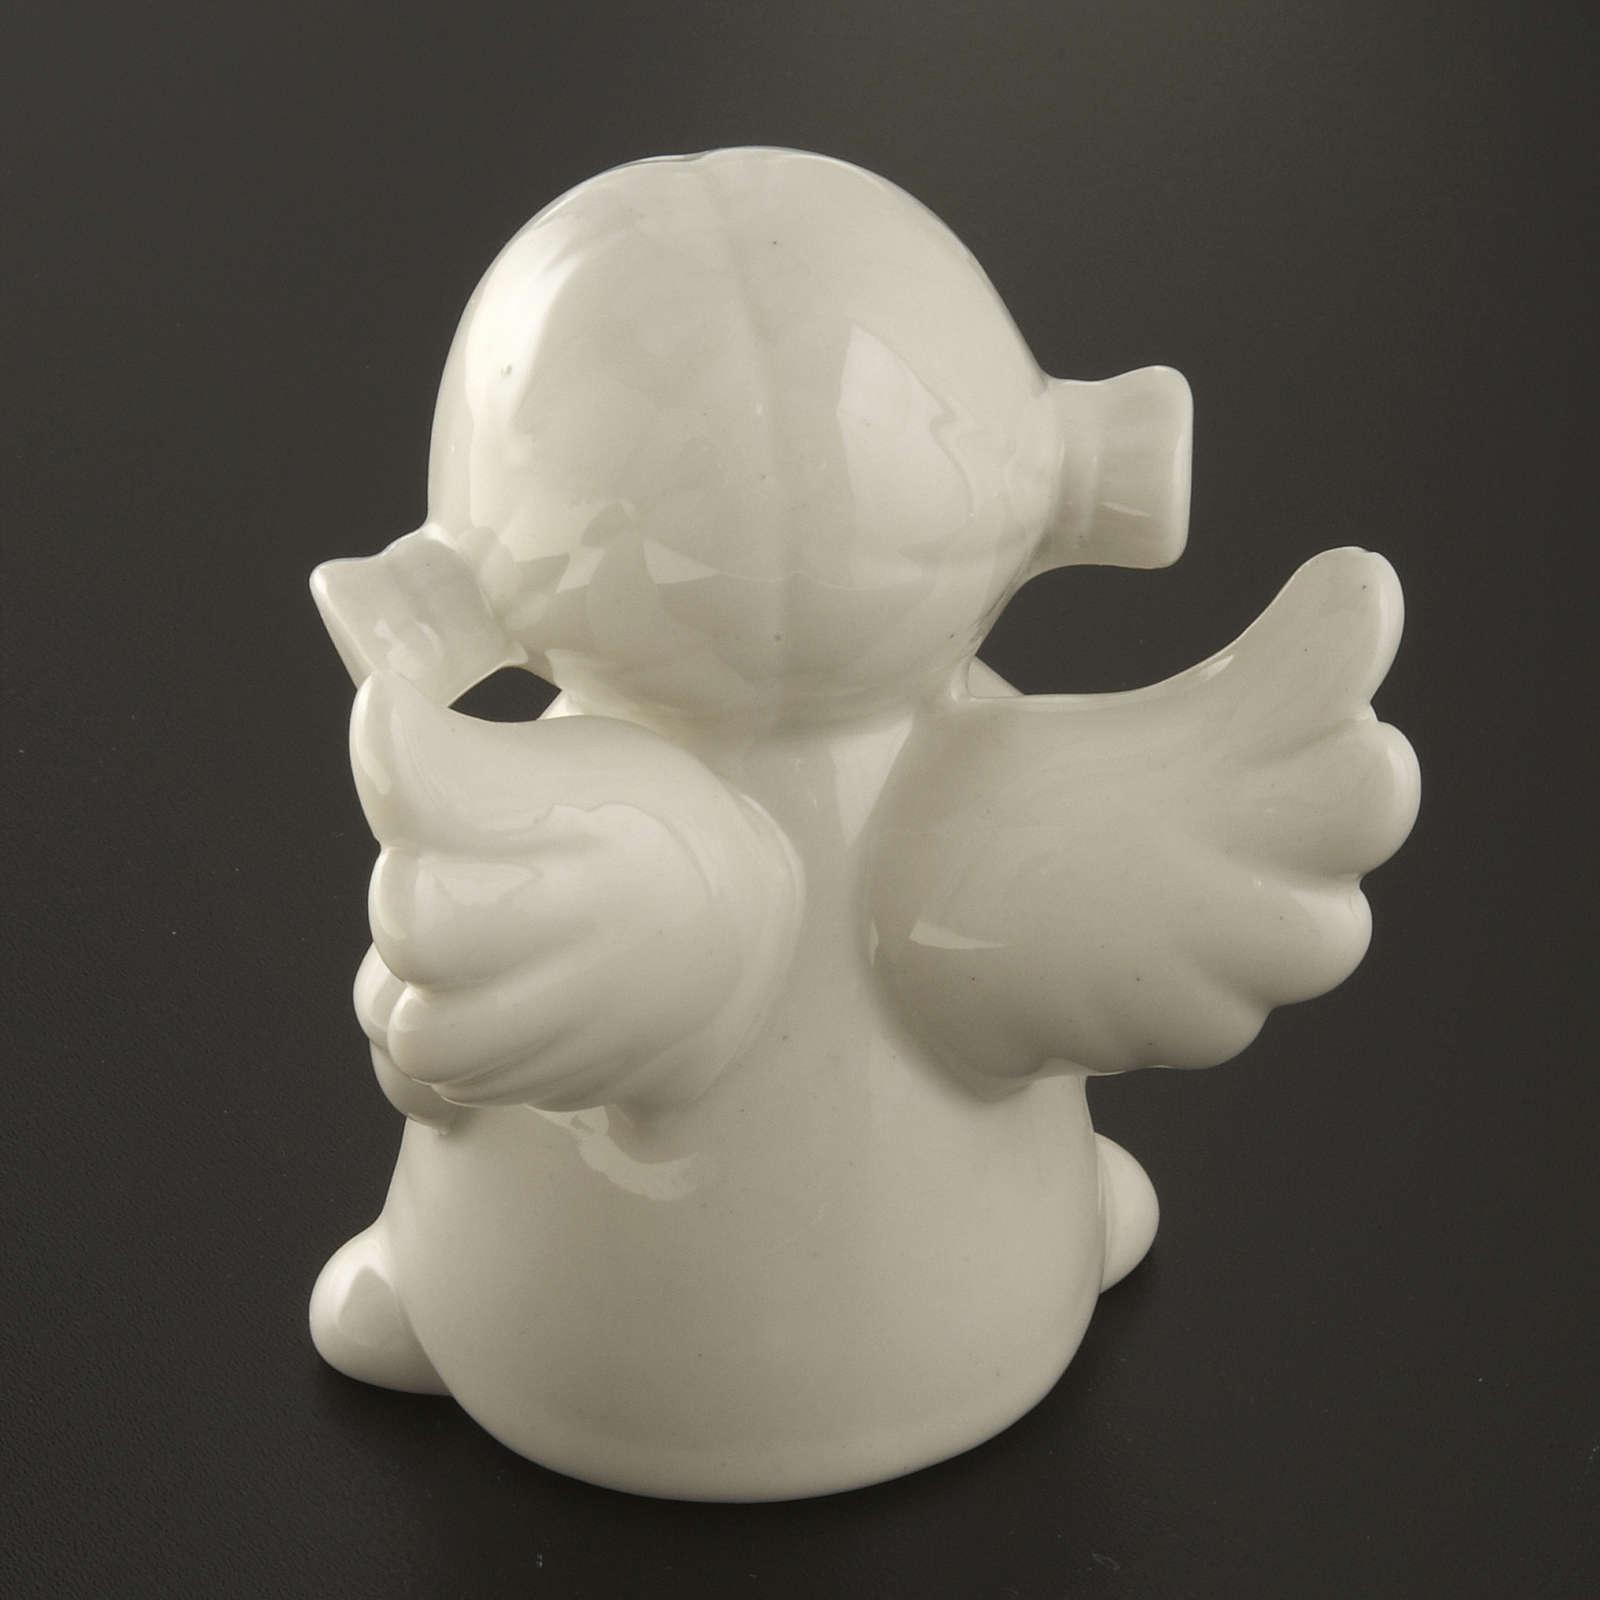 Angeli ceramica bianca 4 pz. cm 11 3